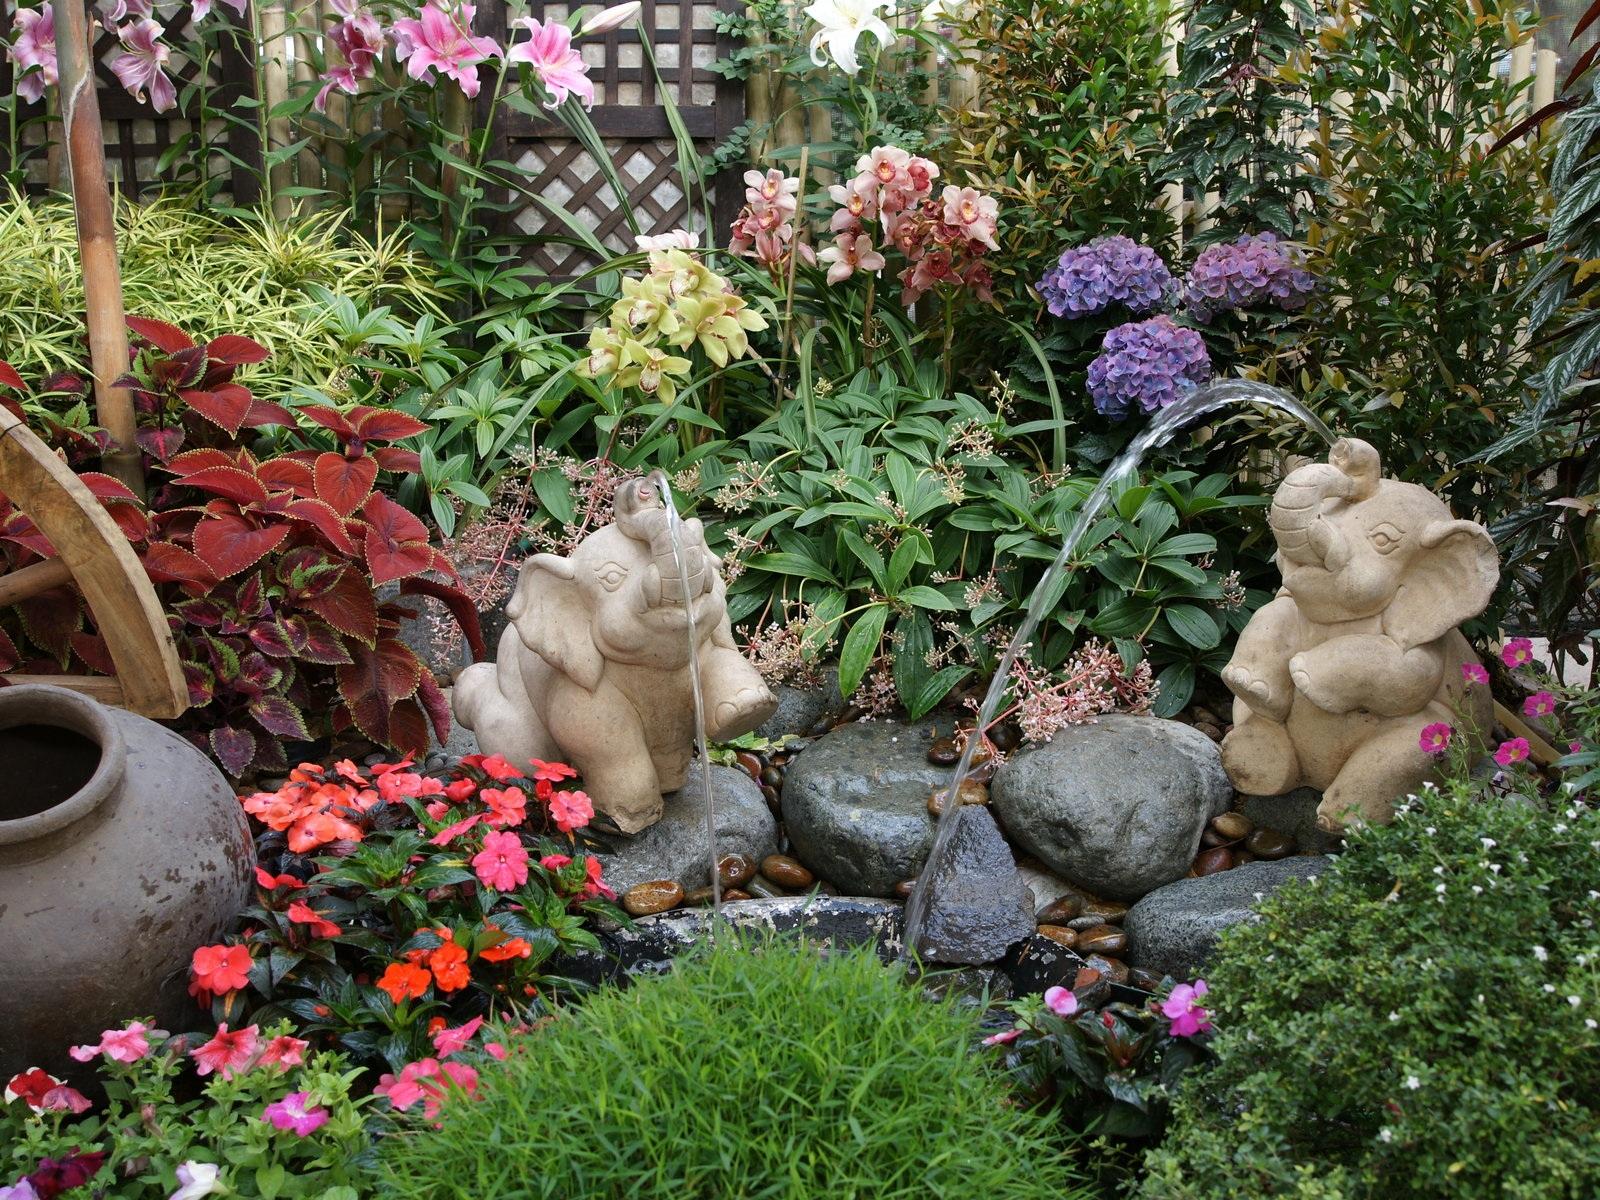 Vida jard n jardines peque os con encanto for Plantas en jardines pequenos